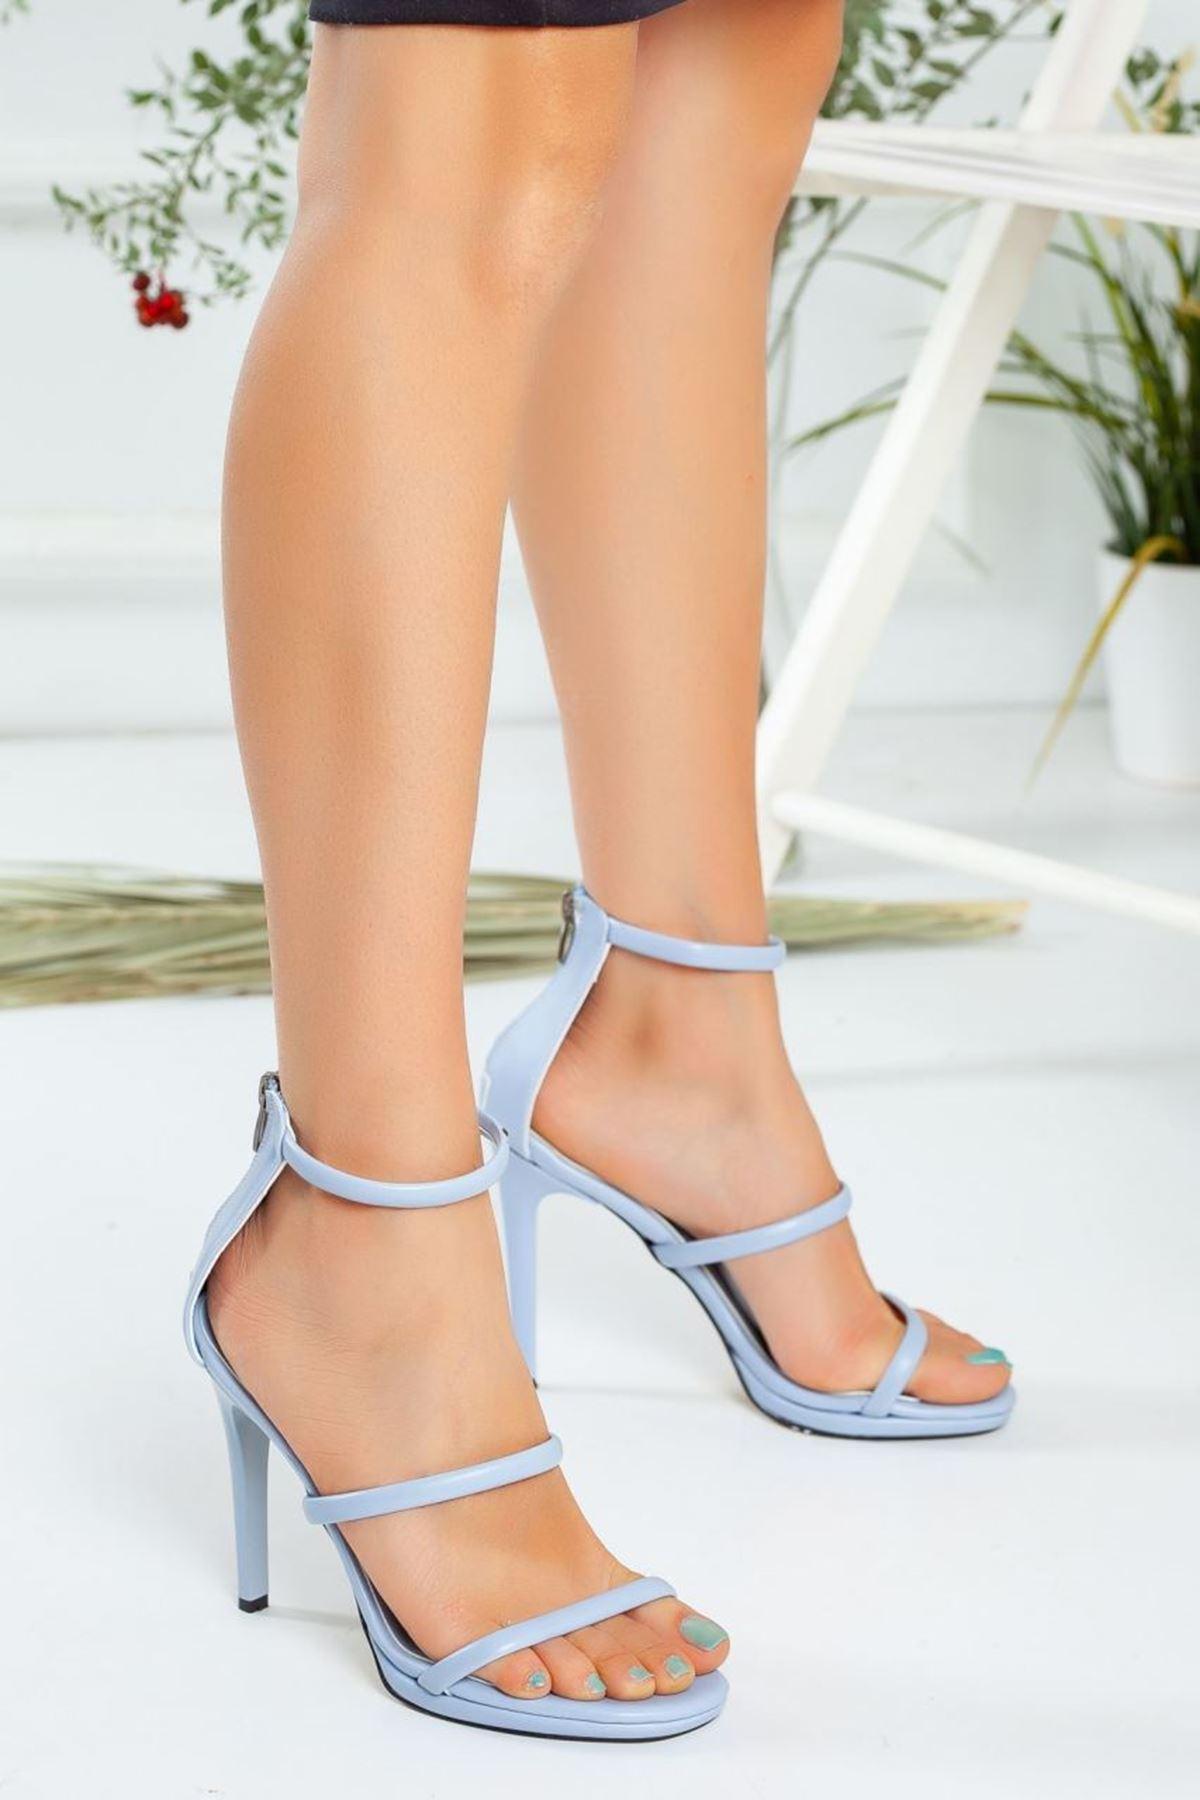 Kadın Melus Mat Deri İnce Bant Detaylı Yüksek Topuklu Mavi